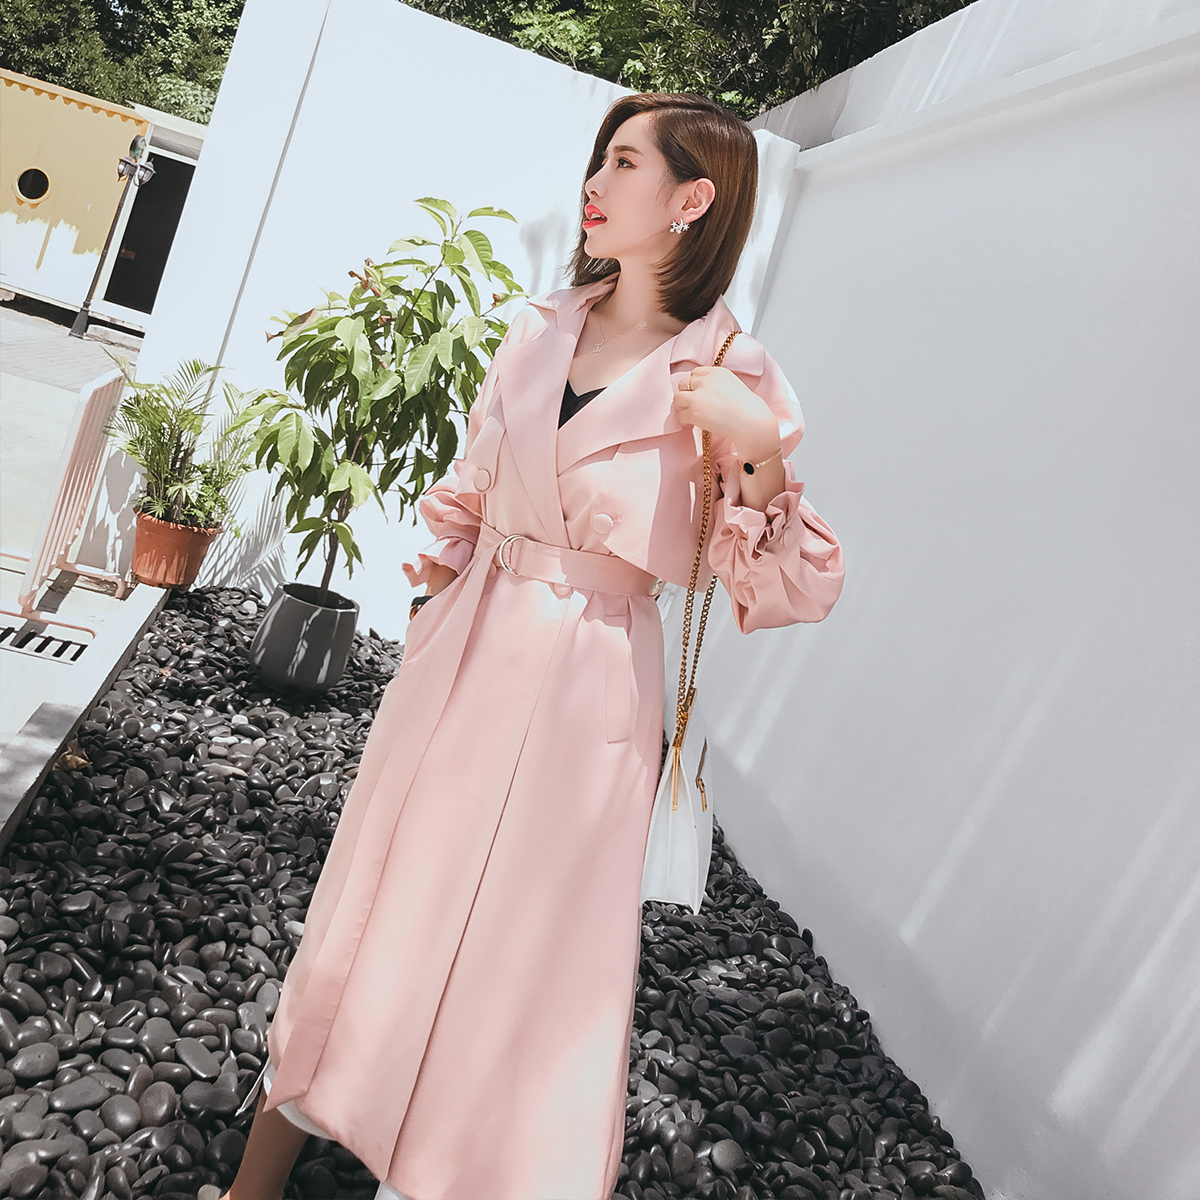 Большой английский ручной работы 2017 весна новый ветровка девочки длинная модель корейский моды джокер значительно тоньше фонарь рукав пальто